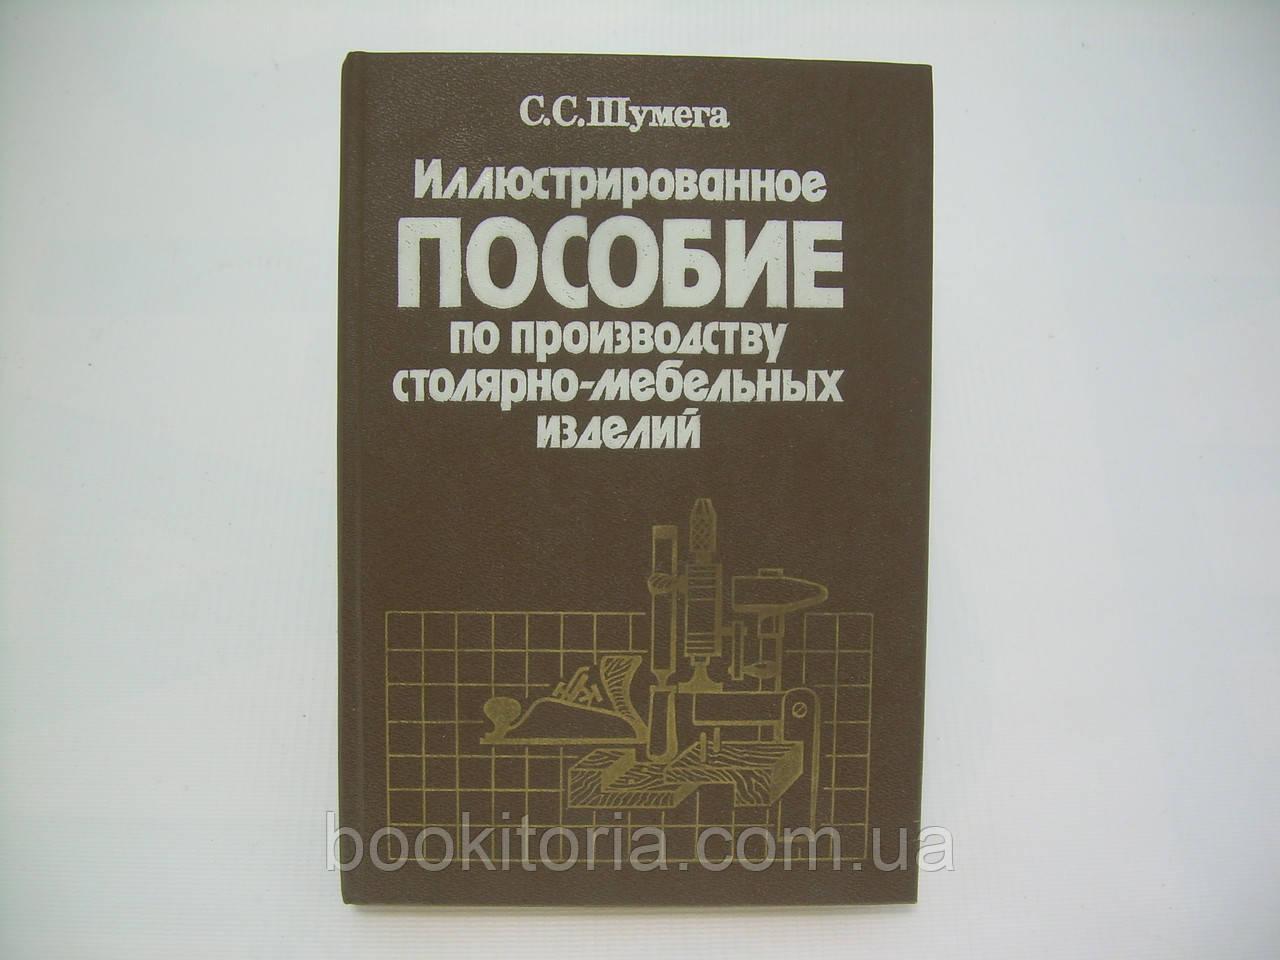 Шумега С.С. Иллюстрированное пособие по производству столярно-мебельных изделий (б/у).